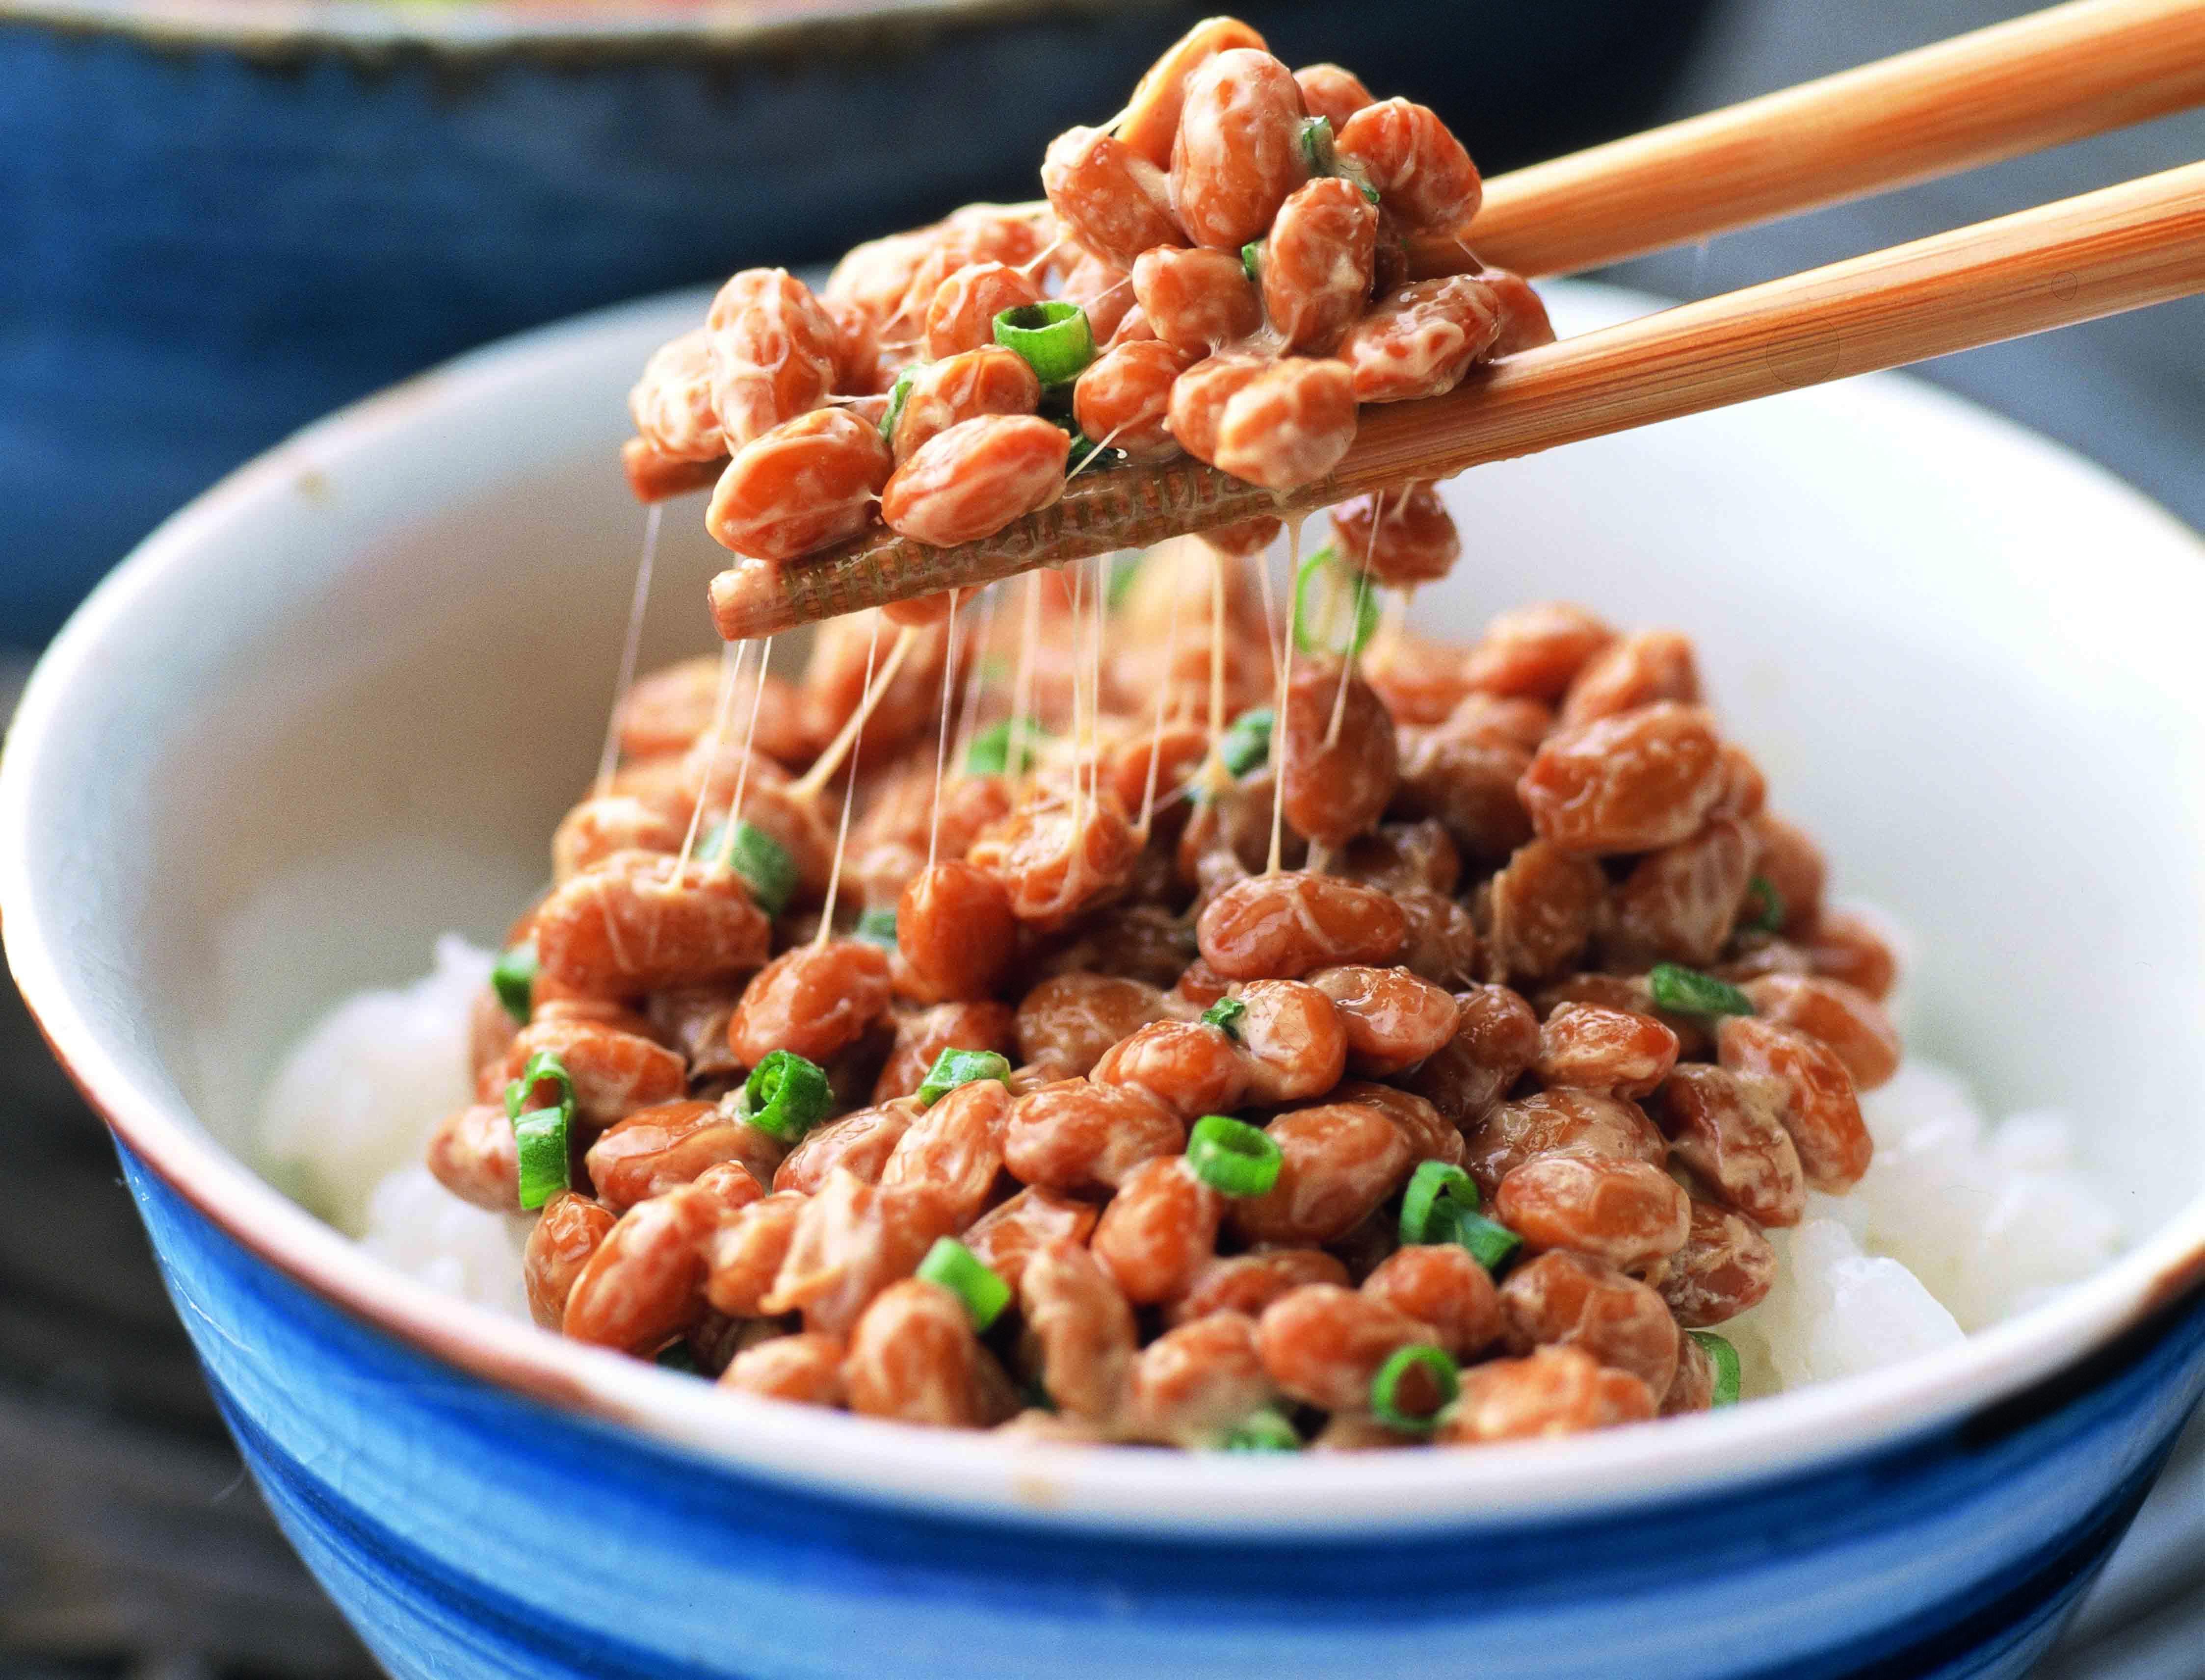 体にいい納豆!でも食べ過ぎはよくないってあなたは知ってた?のサムネイル画像